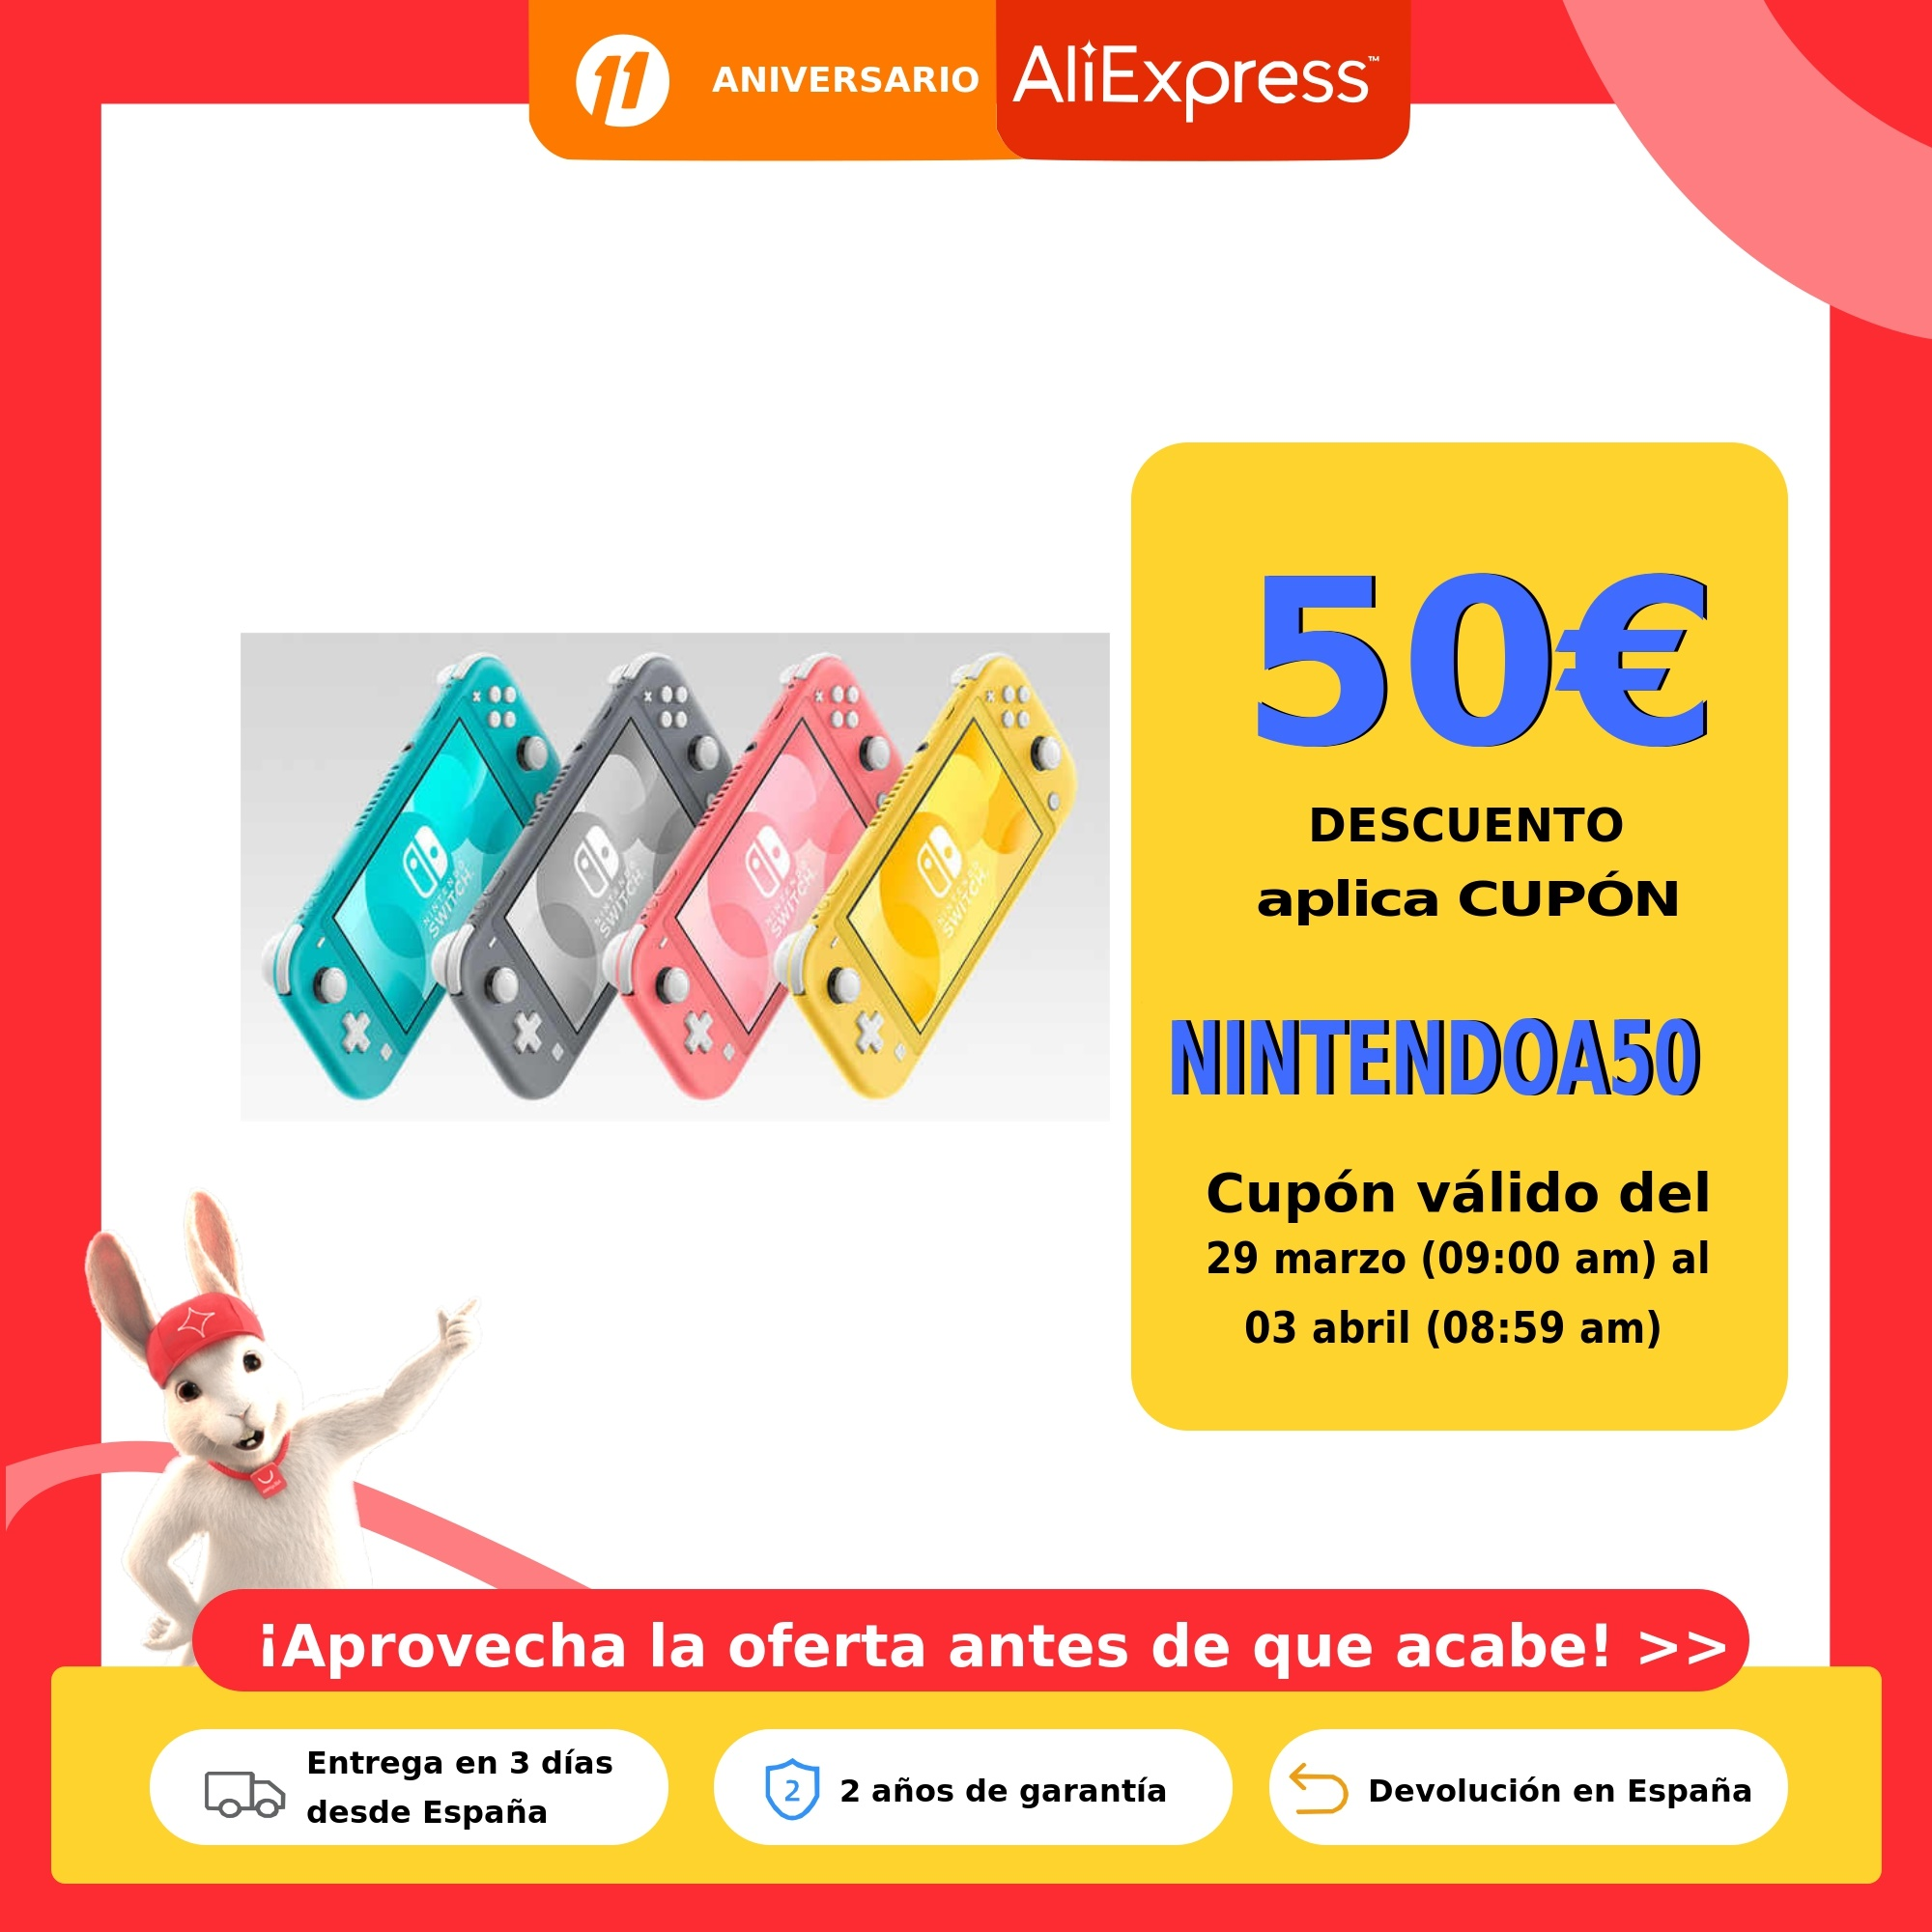 Consola Nintendo Switch Lite. Disponible en 4 colores: Amarillo, Gris, Coral y Azúl Neon. Ligera, con controles integrados. Consolas de videojuegos  - AliExpress